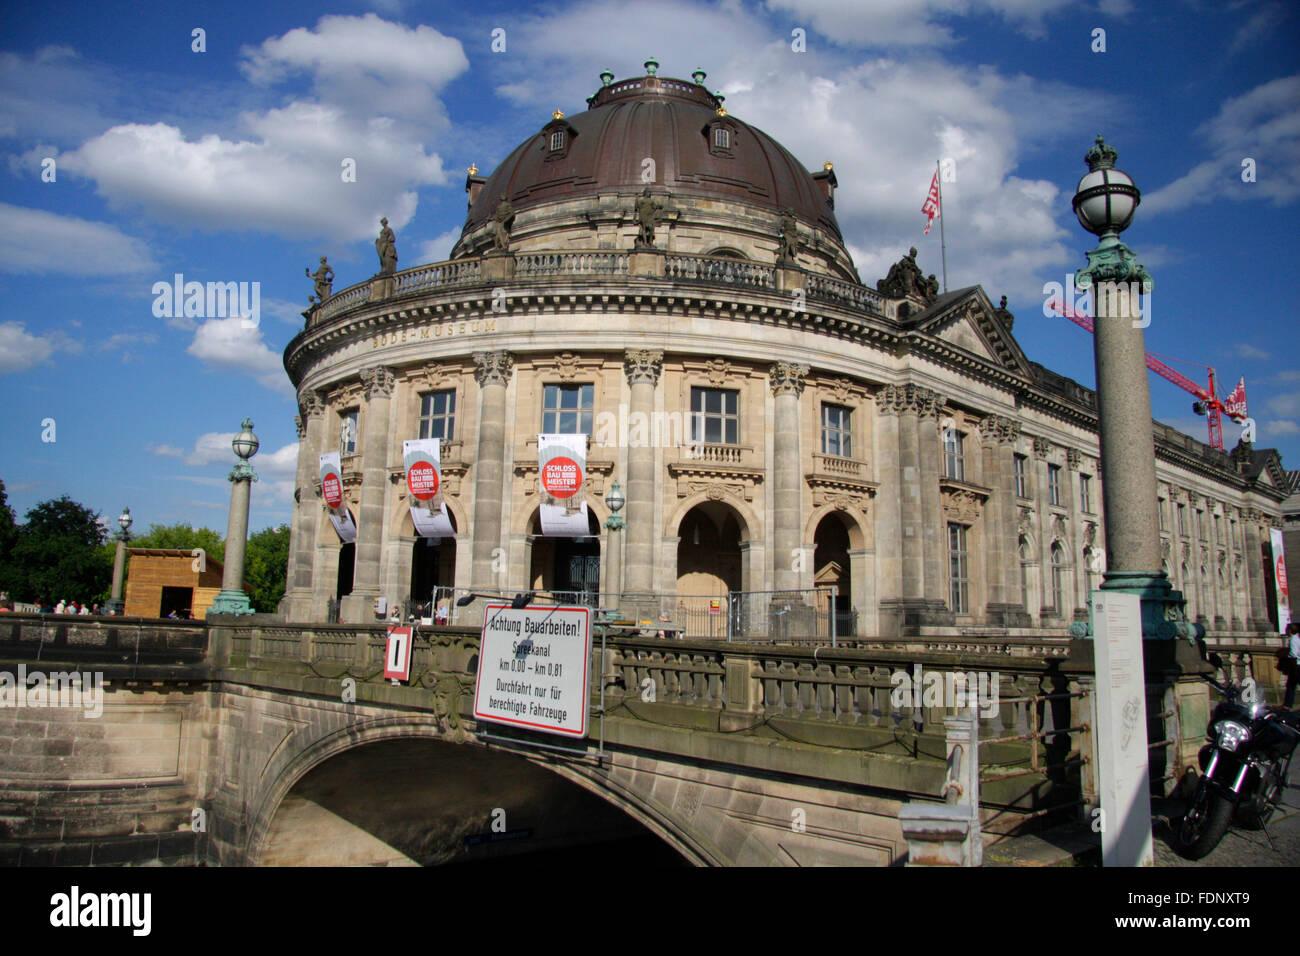 Bode Museum, Berlin-Mitte. - Stock Image